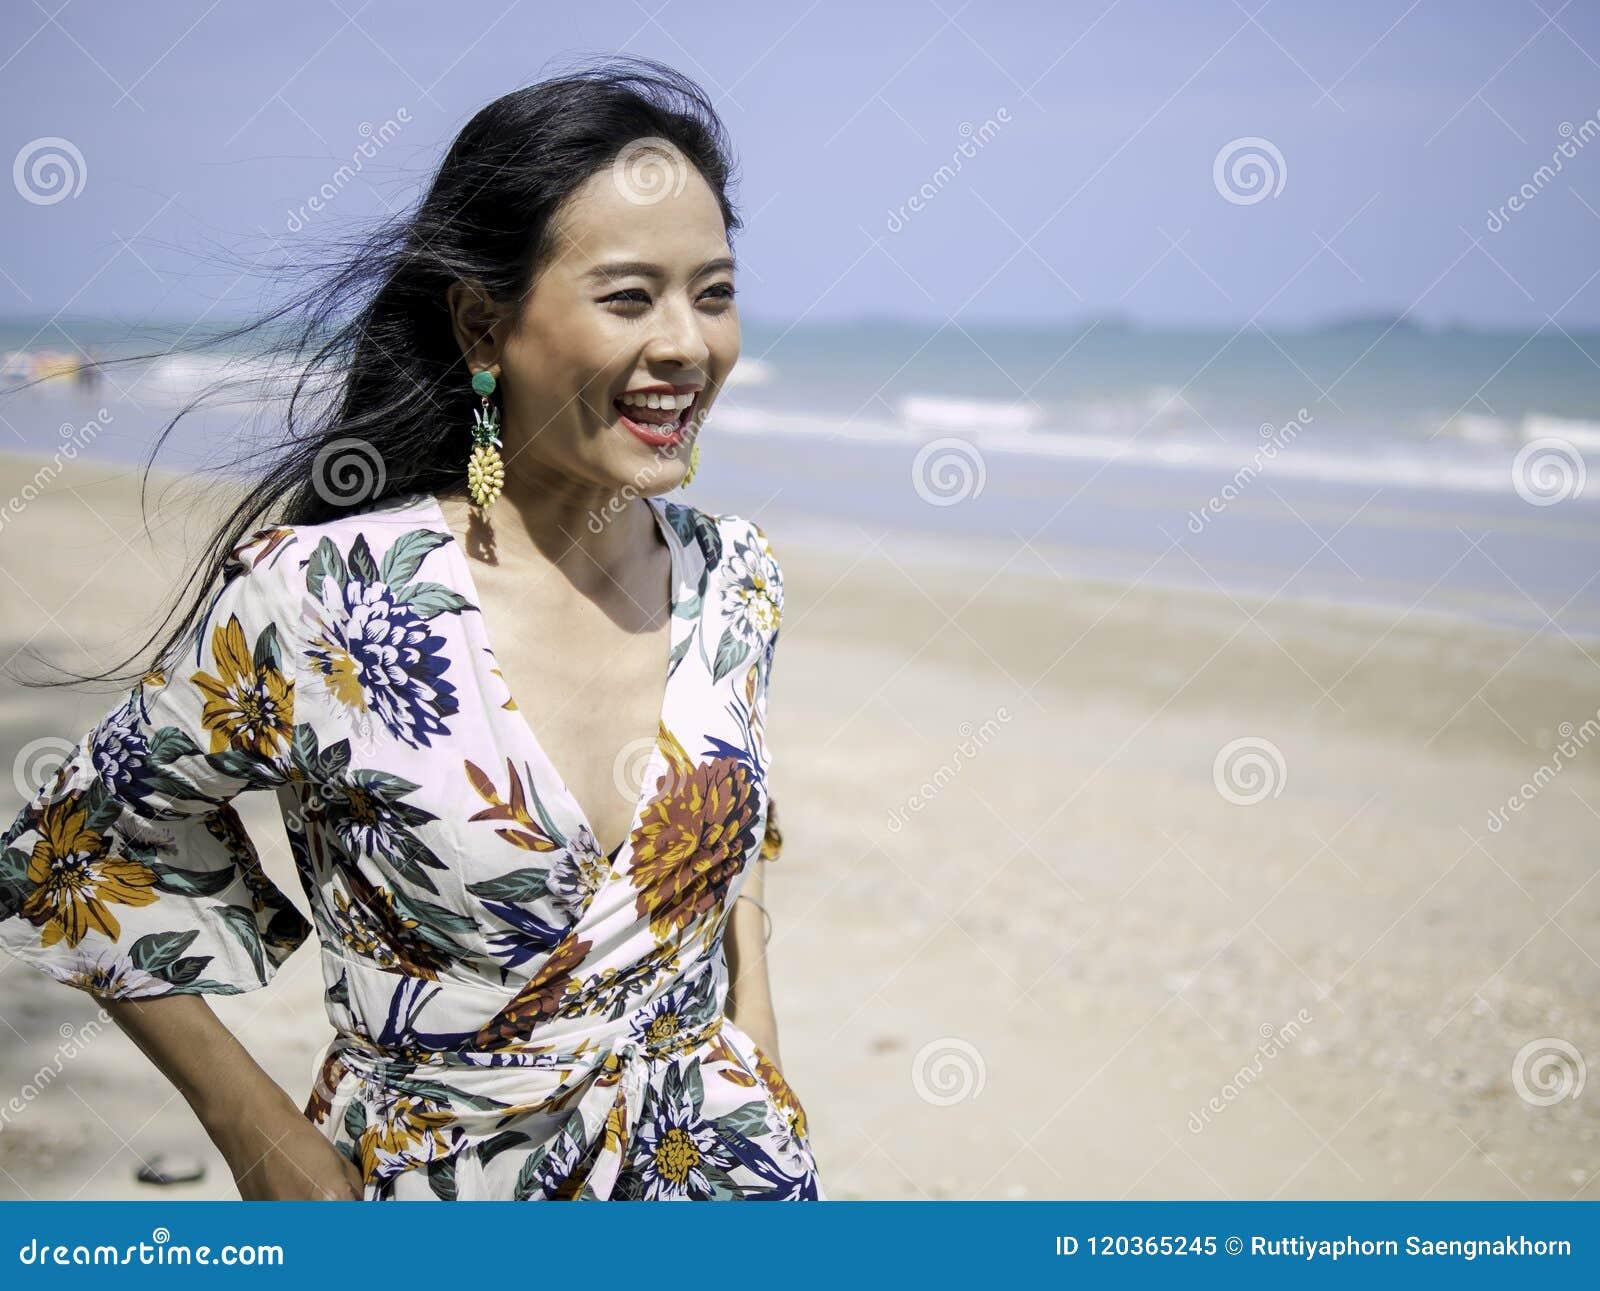 D'habillement Femme De Belle Portant Asiatique Avec Le Style Bohème ON0Z8nPkwX